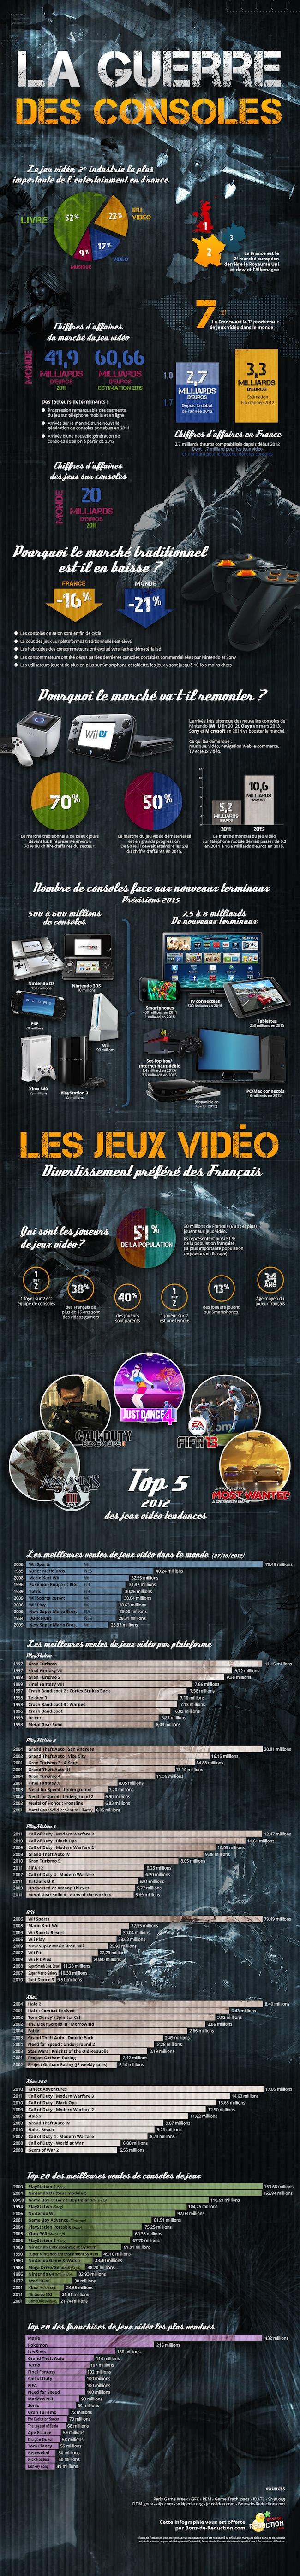 infographie consoles hd Létat du jeu vidéo en France et dans le monde